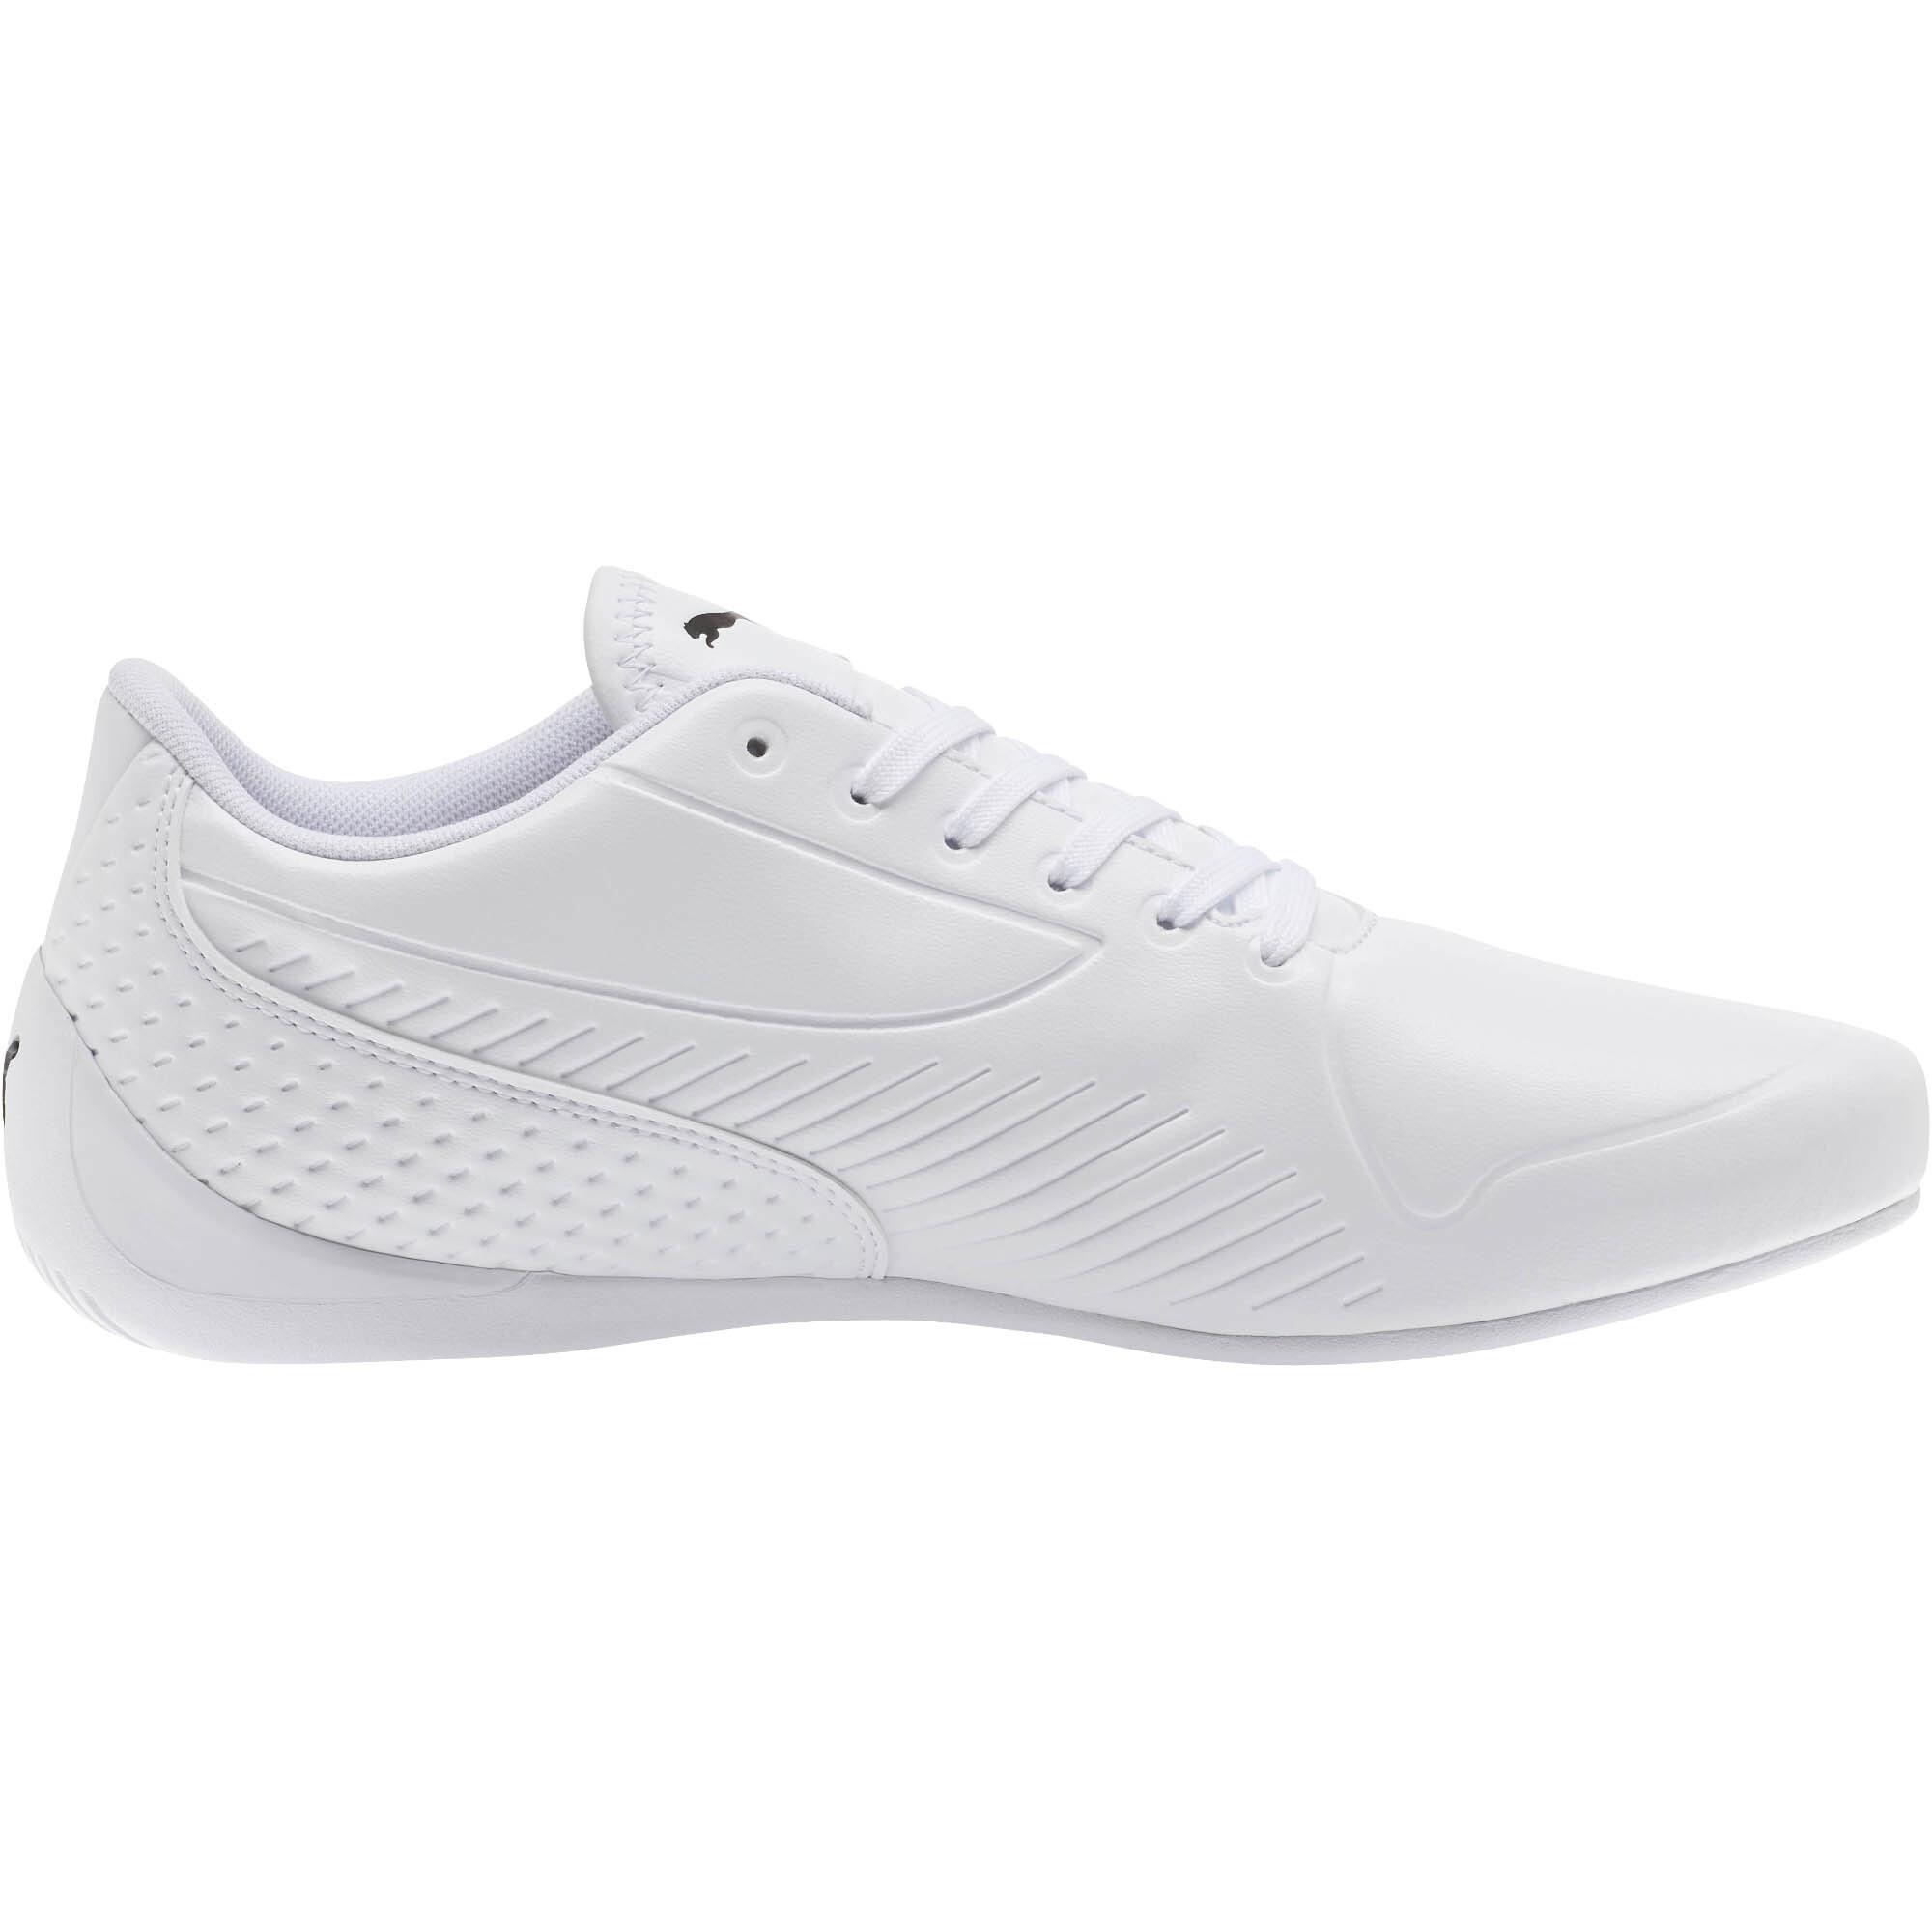 PUMA-Drift-Cat-7S-Ultra-Men-039-s-Shoes-Men-Shoe-Basics thumbnail 10